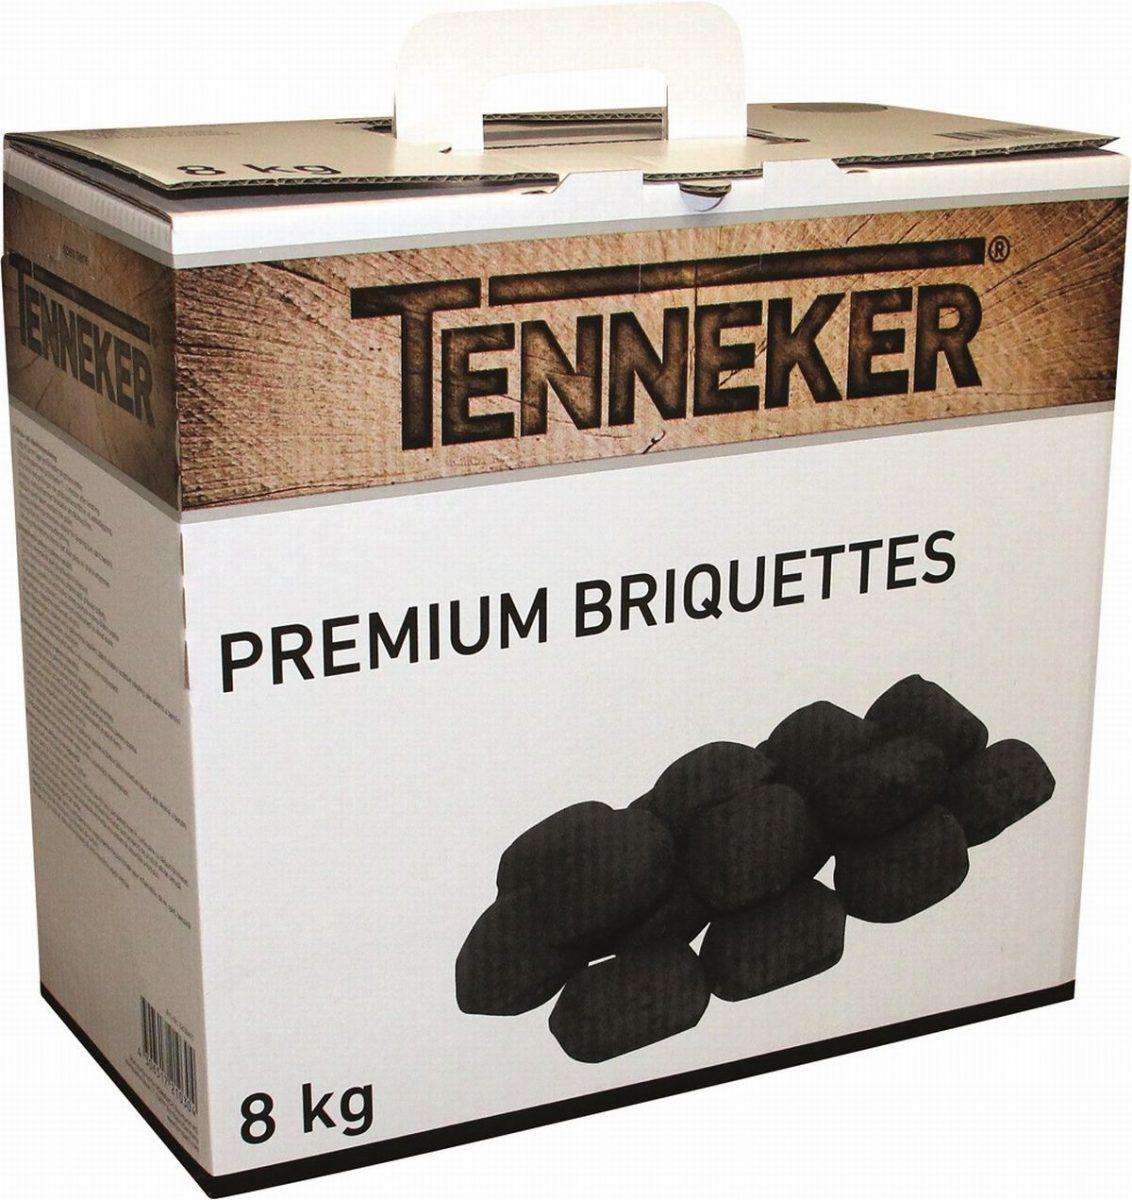 drevene-brigety-tenneker-1200x1200.jpg